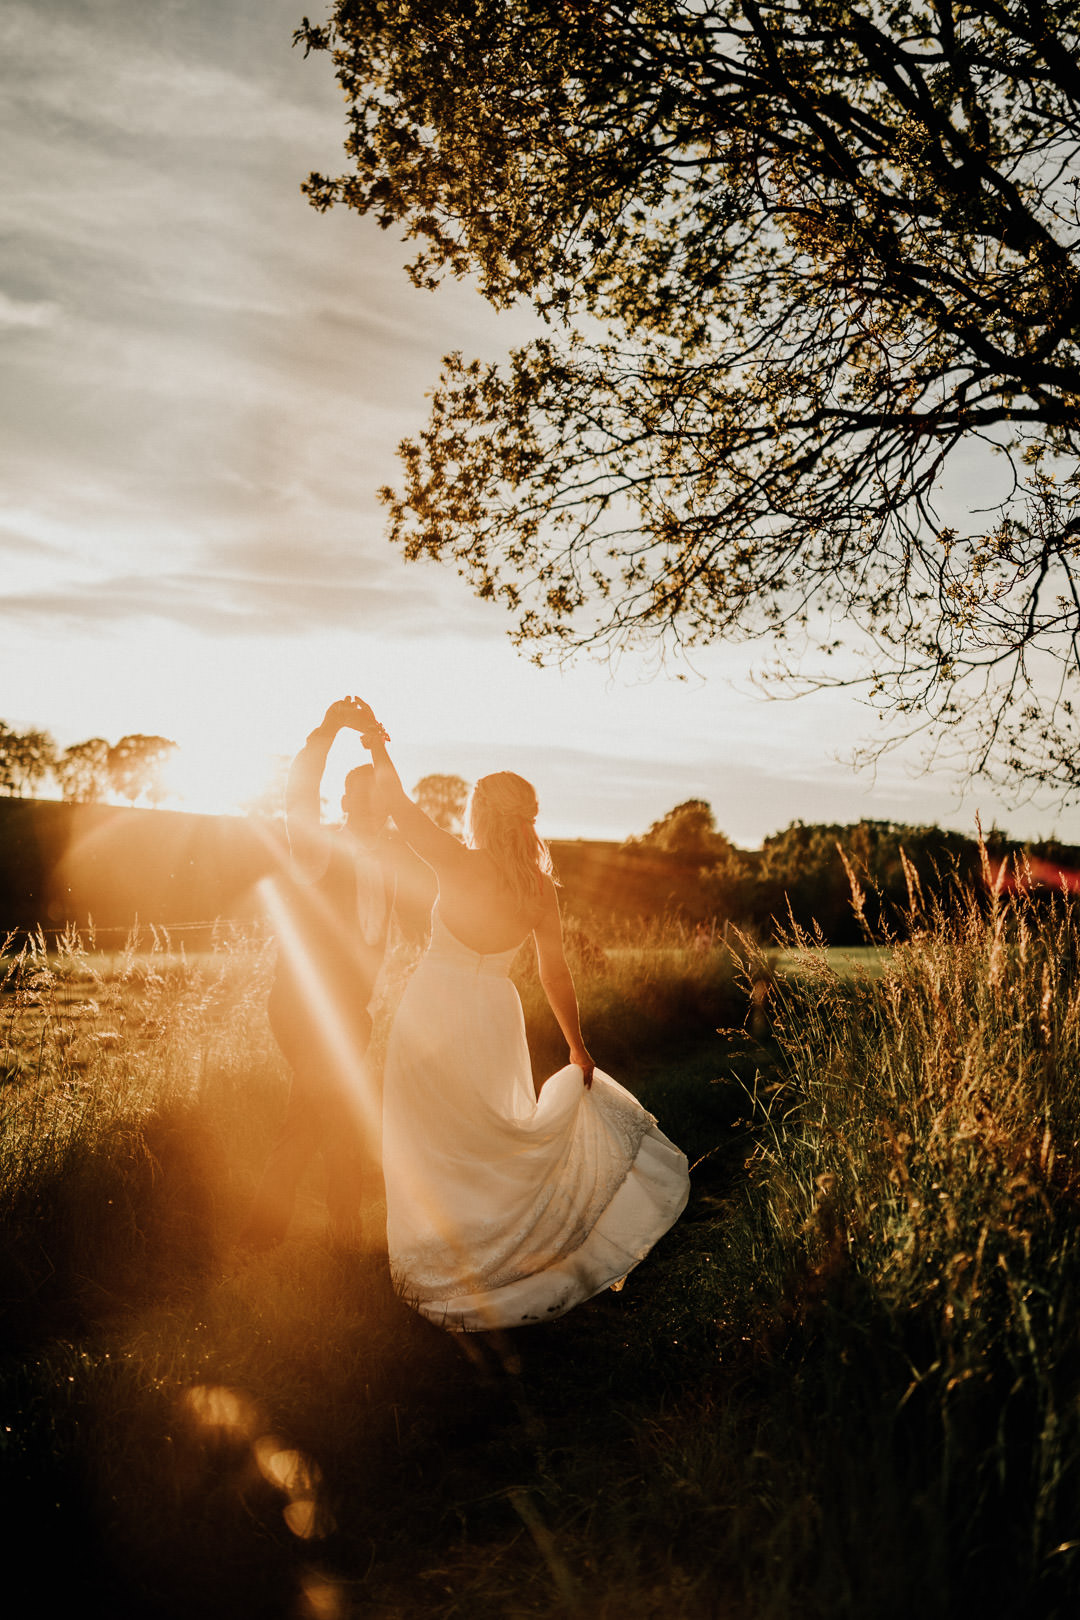 Hochzeitstanz im Sonnenuntergang bei Weilburg